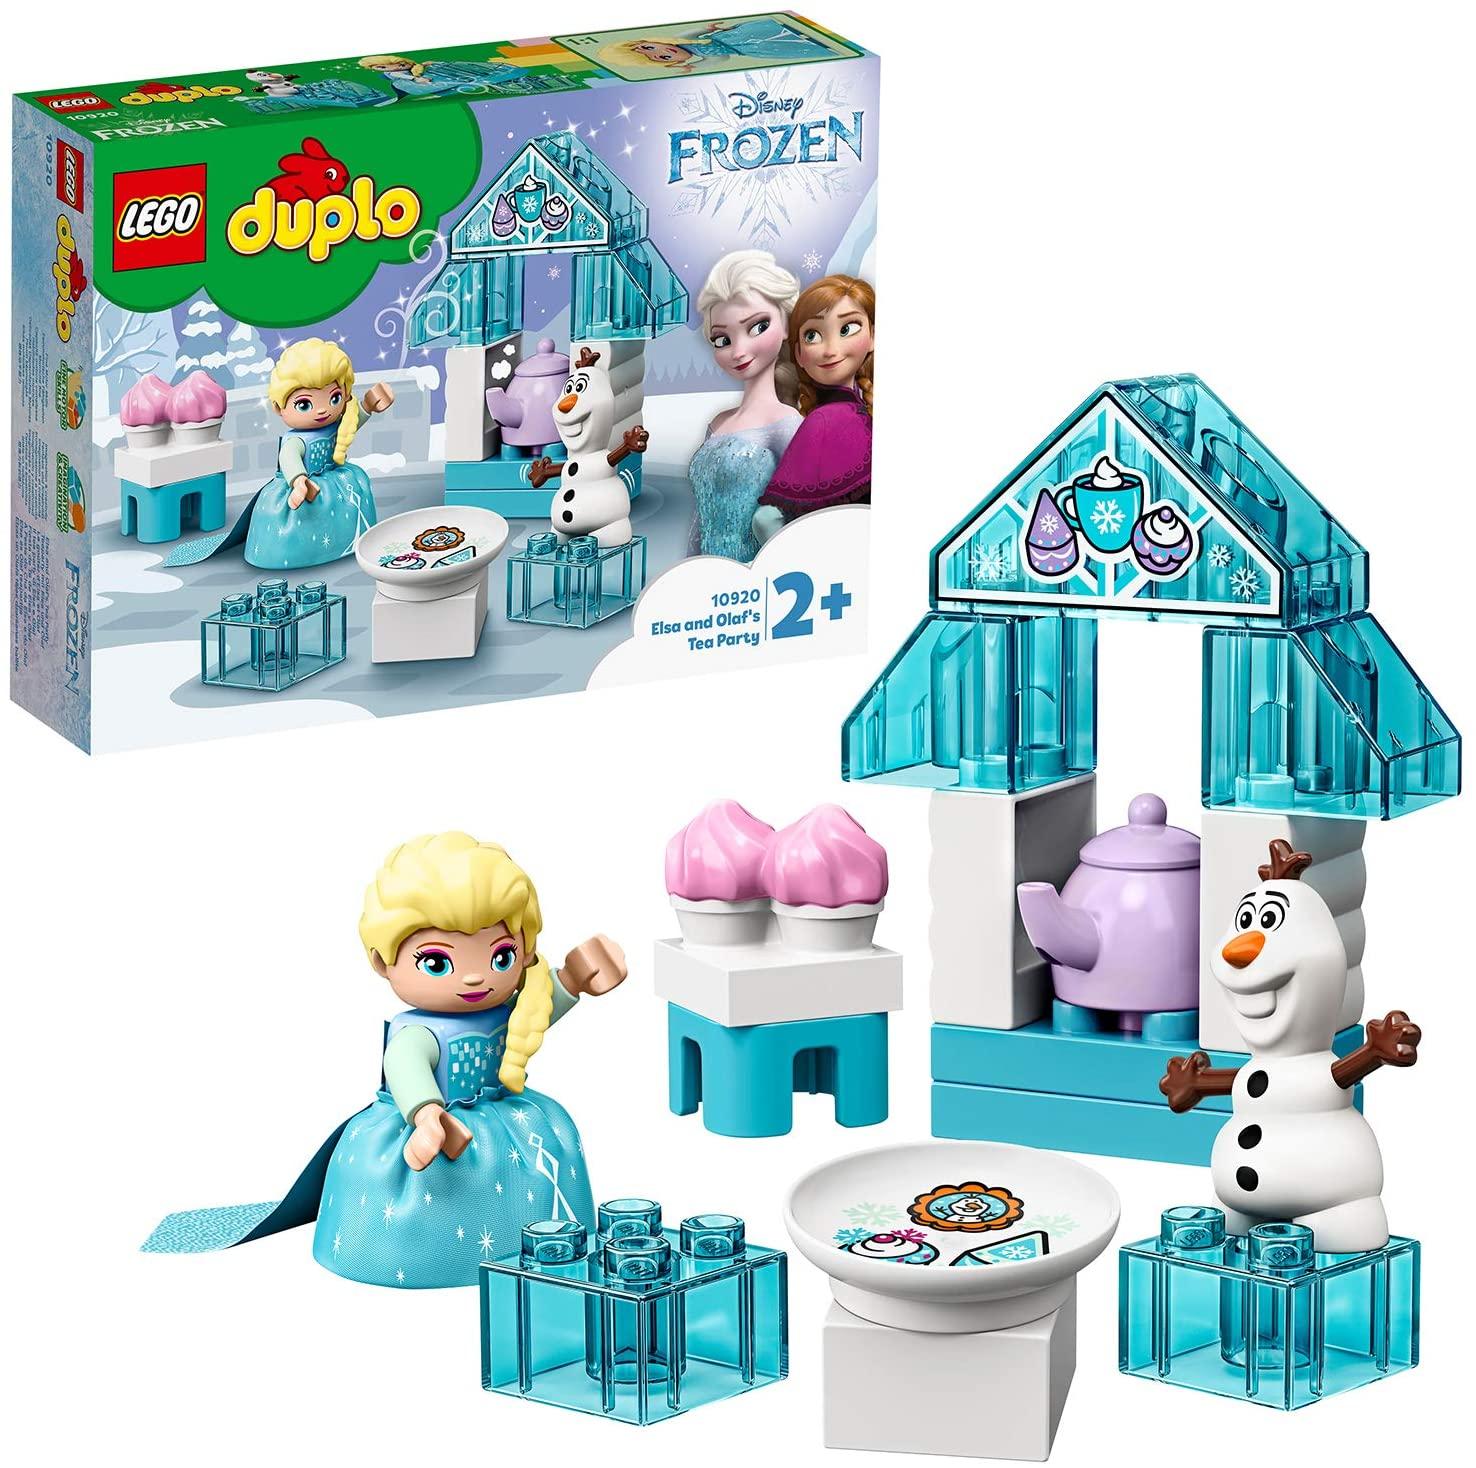 レゴ(LEGO) デュプロ エルサとオラフのティーパーティー